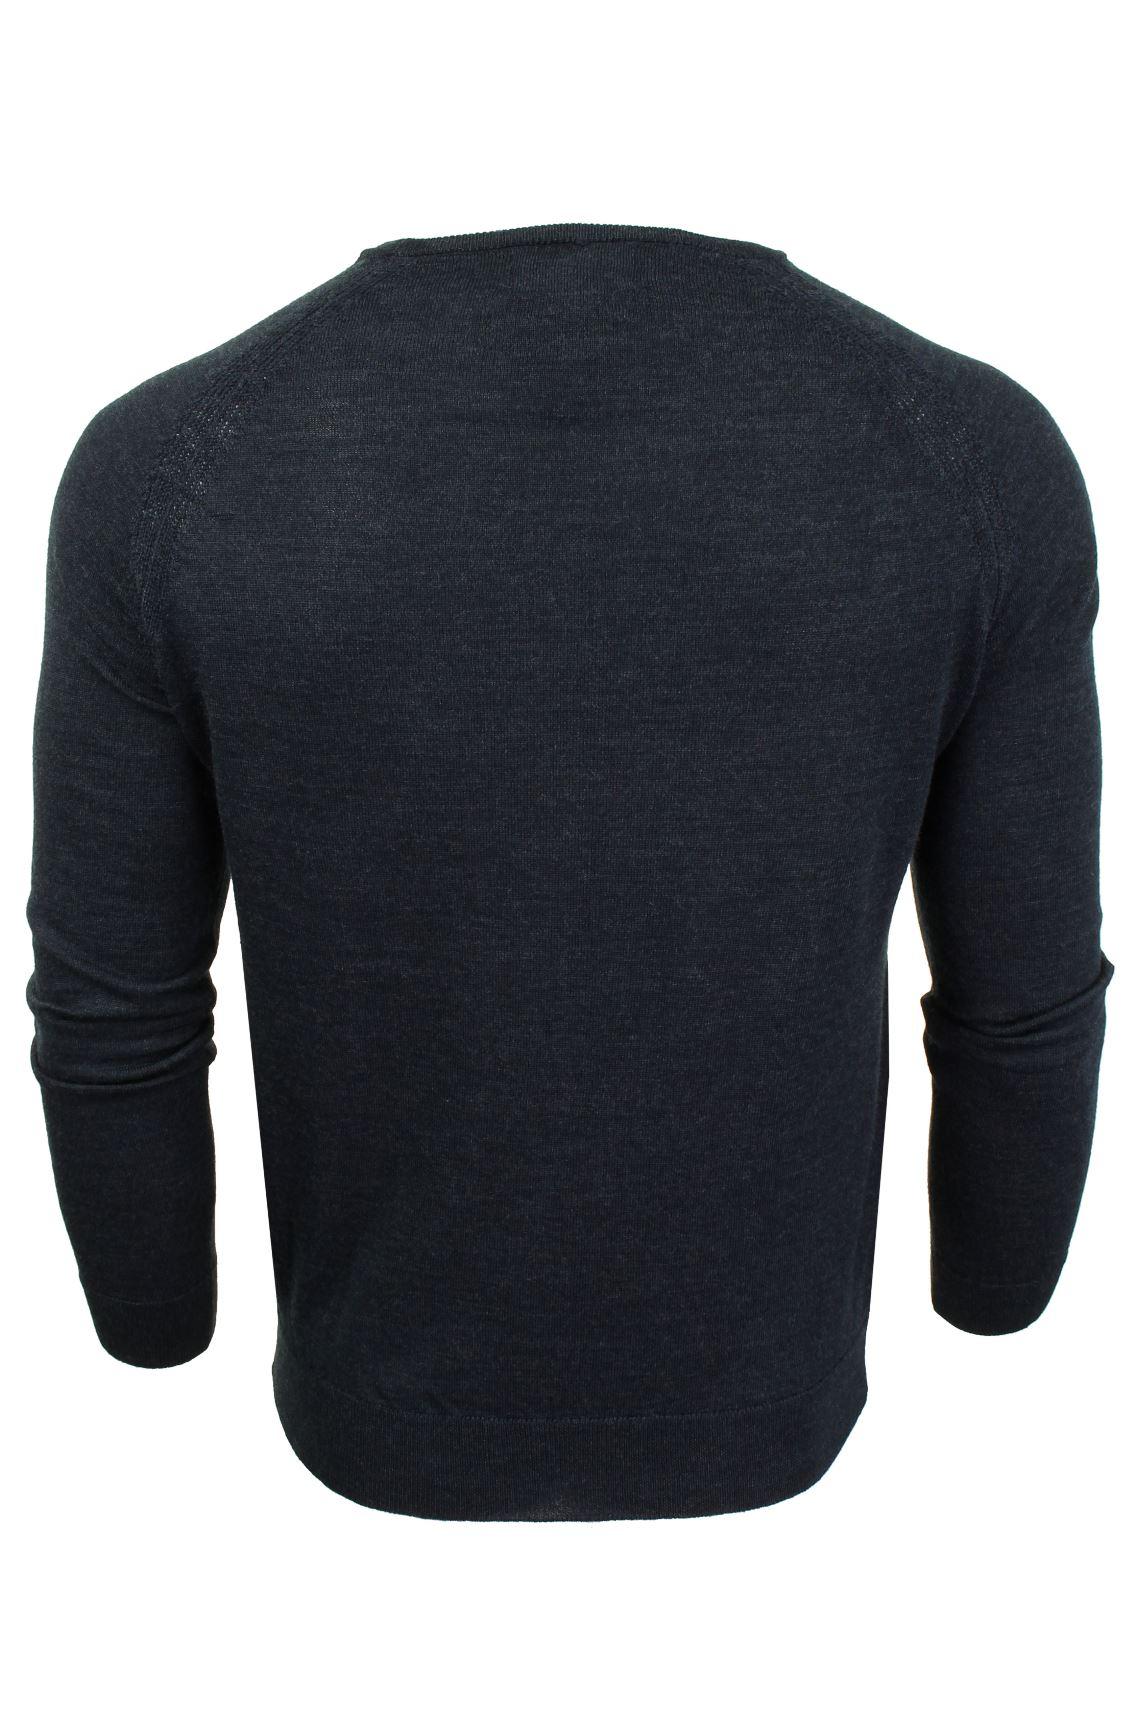 Jersey-para-hombre-ligero-100-lana-por-desgastado-034-Troya-034-Cuello-Redondo miniatura 5